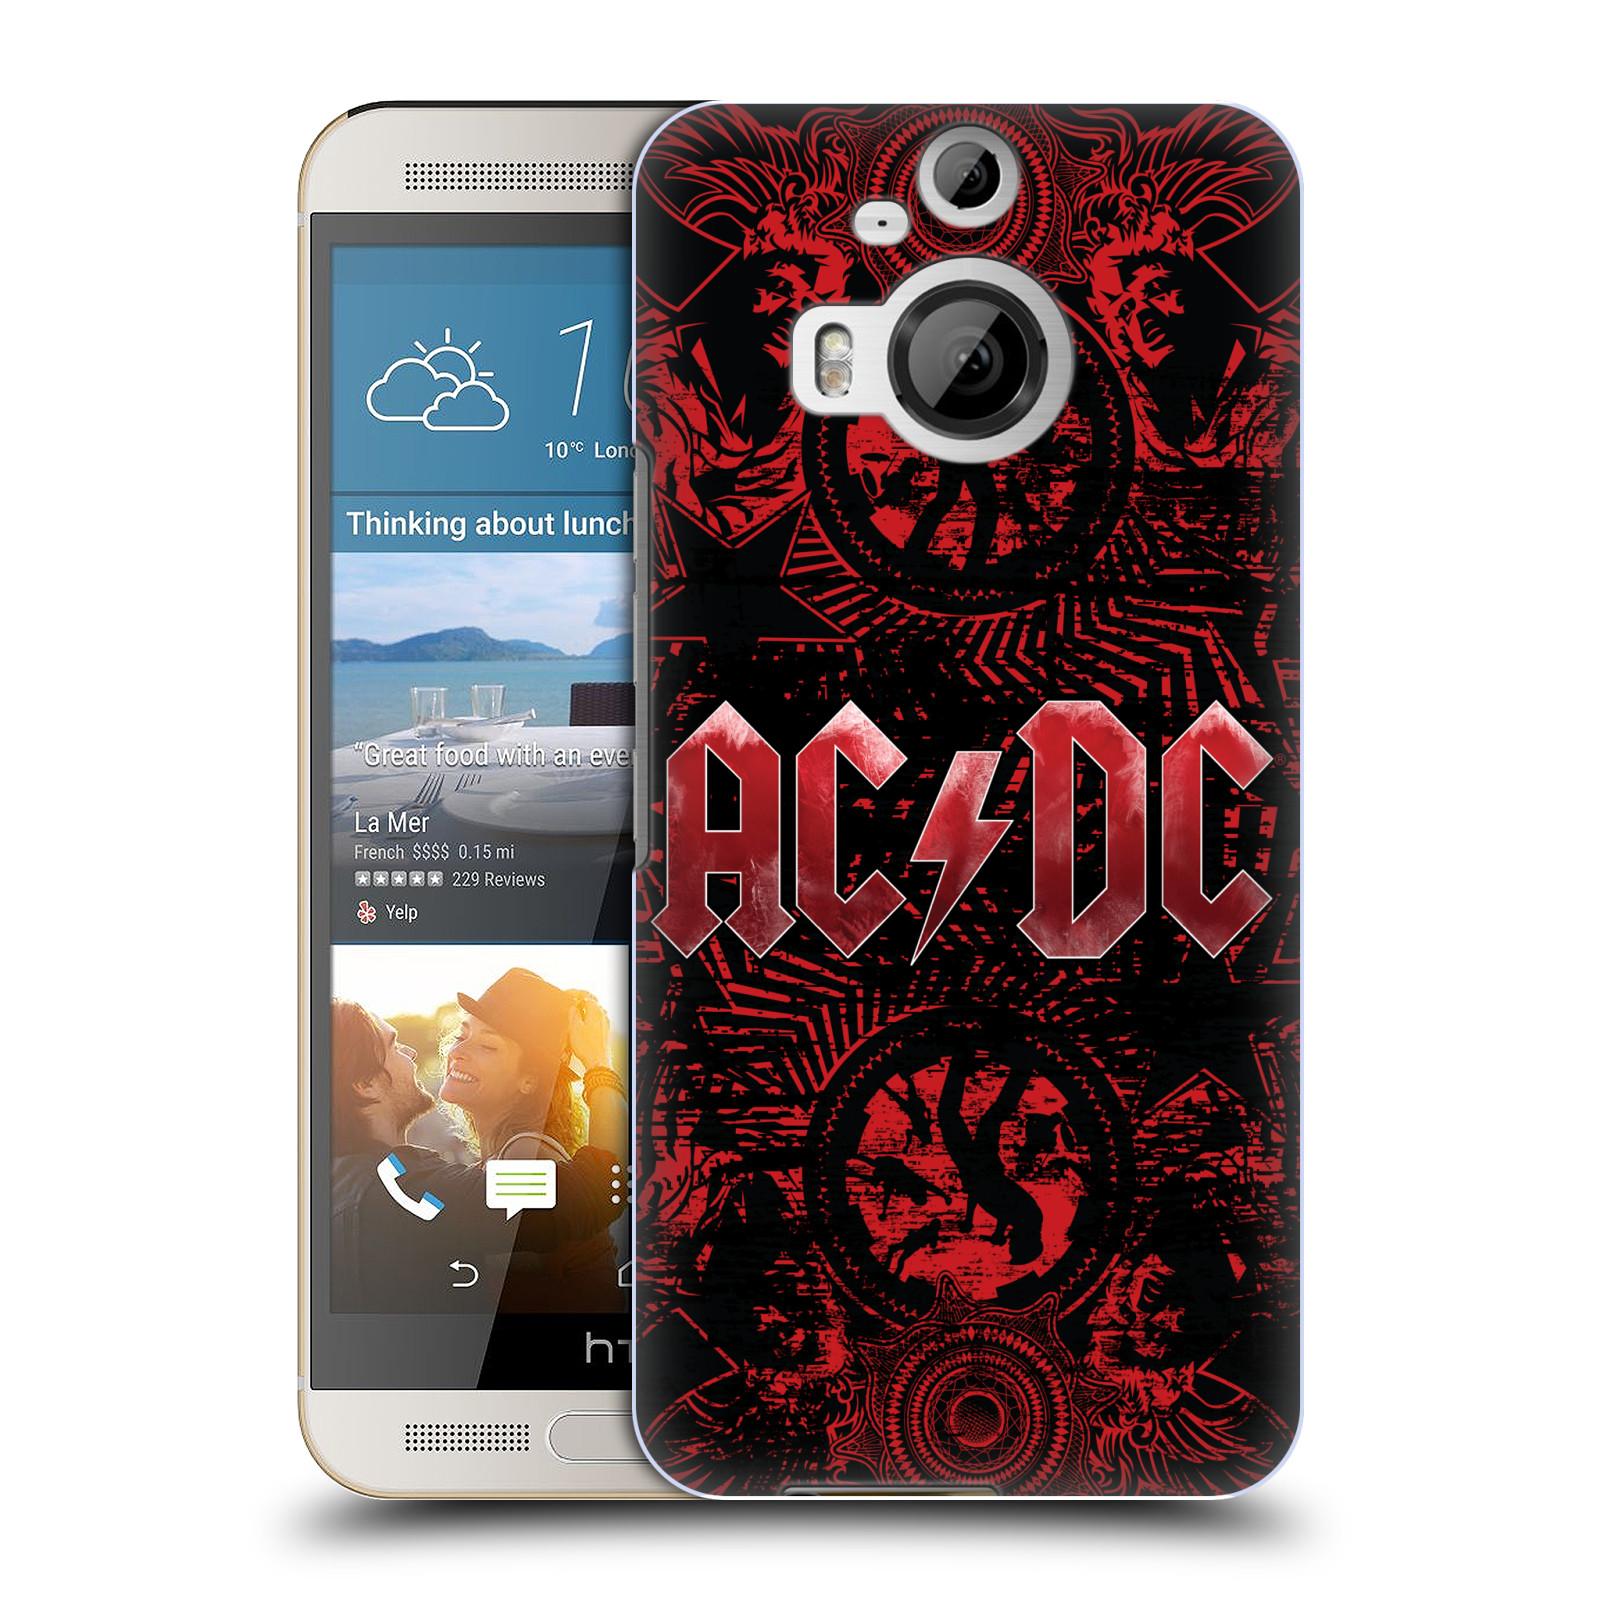 OFFICIEL-AC-DC-ACDC-LOGO-ETUI-COQUE-D-039-ARRIERE-RIGIDE-POUR-HTC-TELEPHONES-2